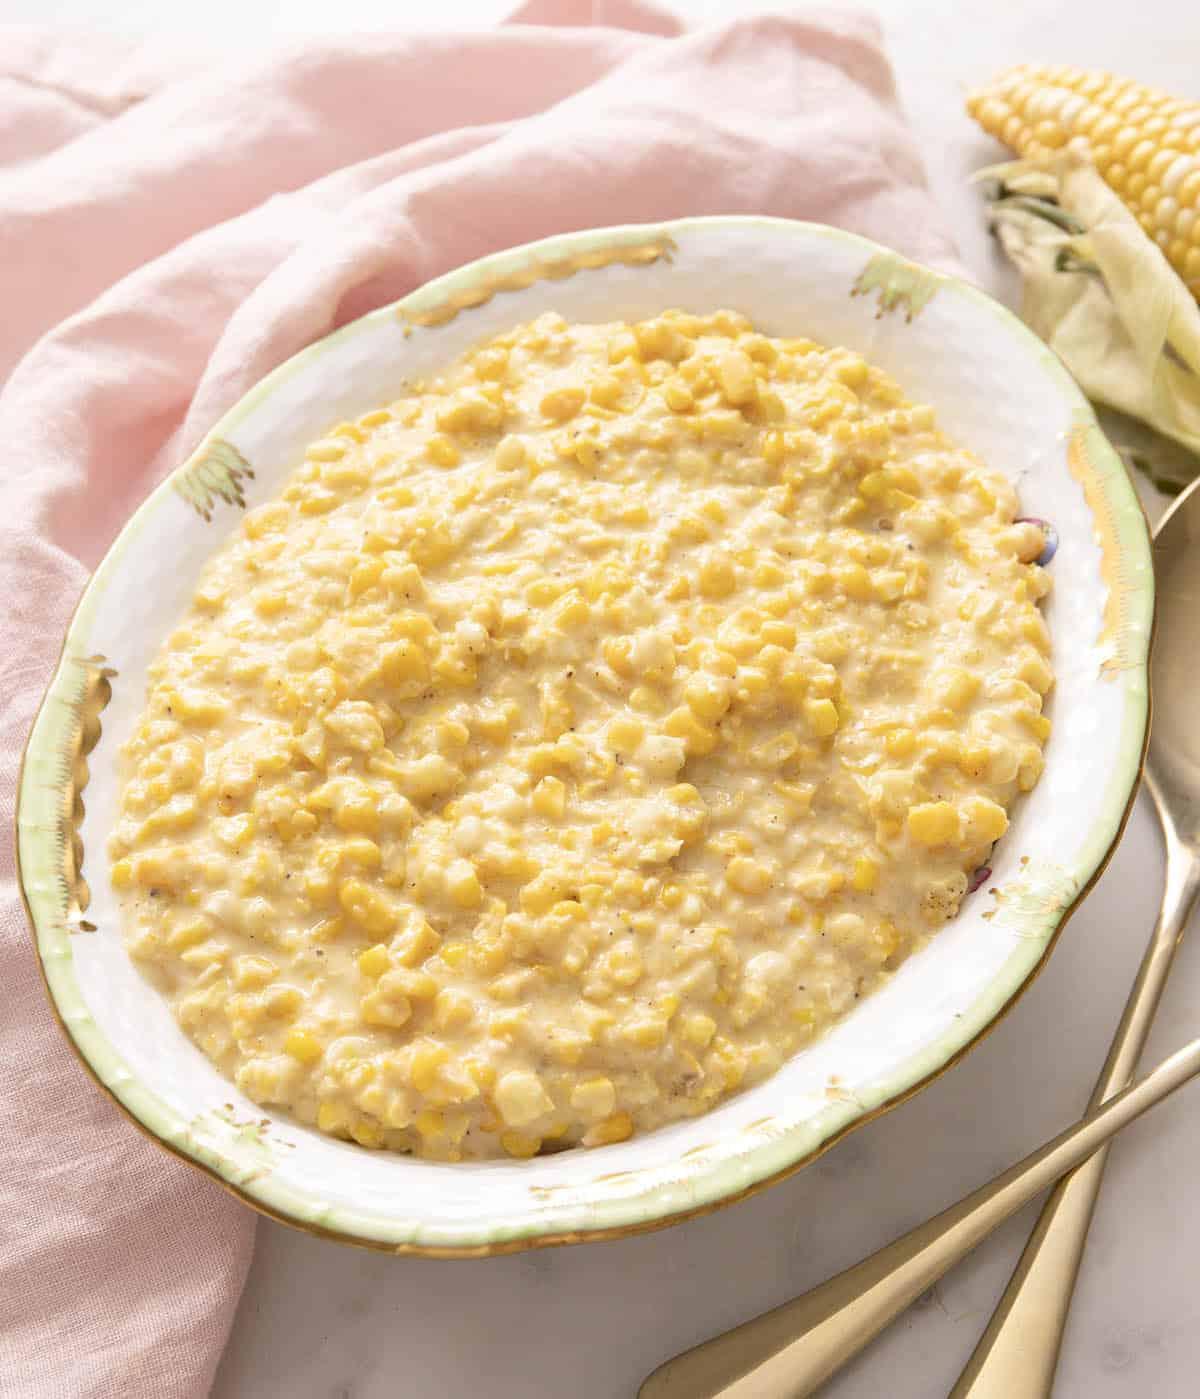 Creamed corn in a porcelain serving bowl.